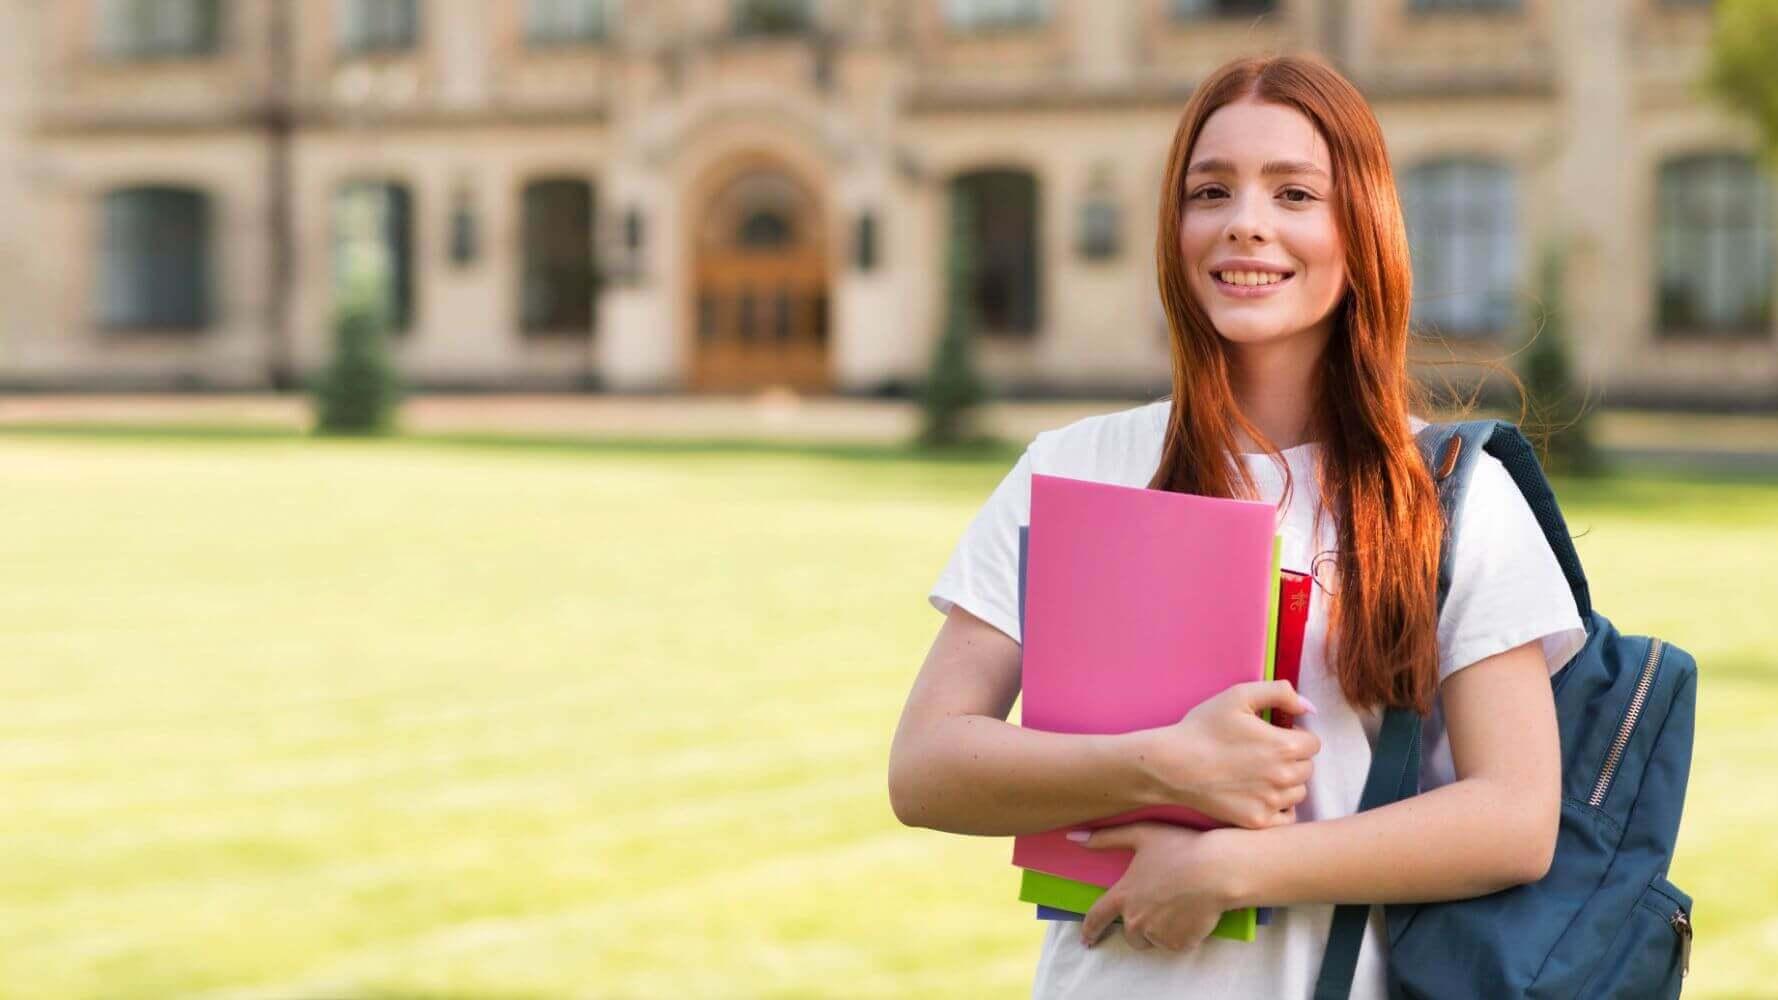 Νικη Κεραμέως για τον ρόλο των ΑΕΙ στην εισαγωγή φοιτητών και την αξιολόγηση εκπαιδευτικών